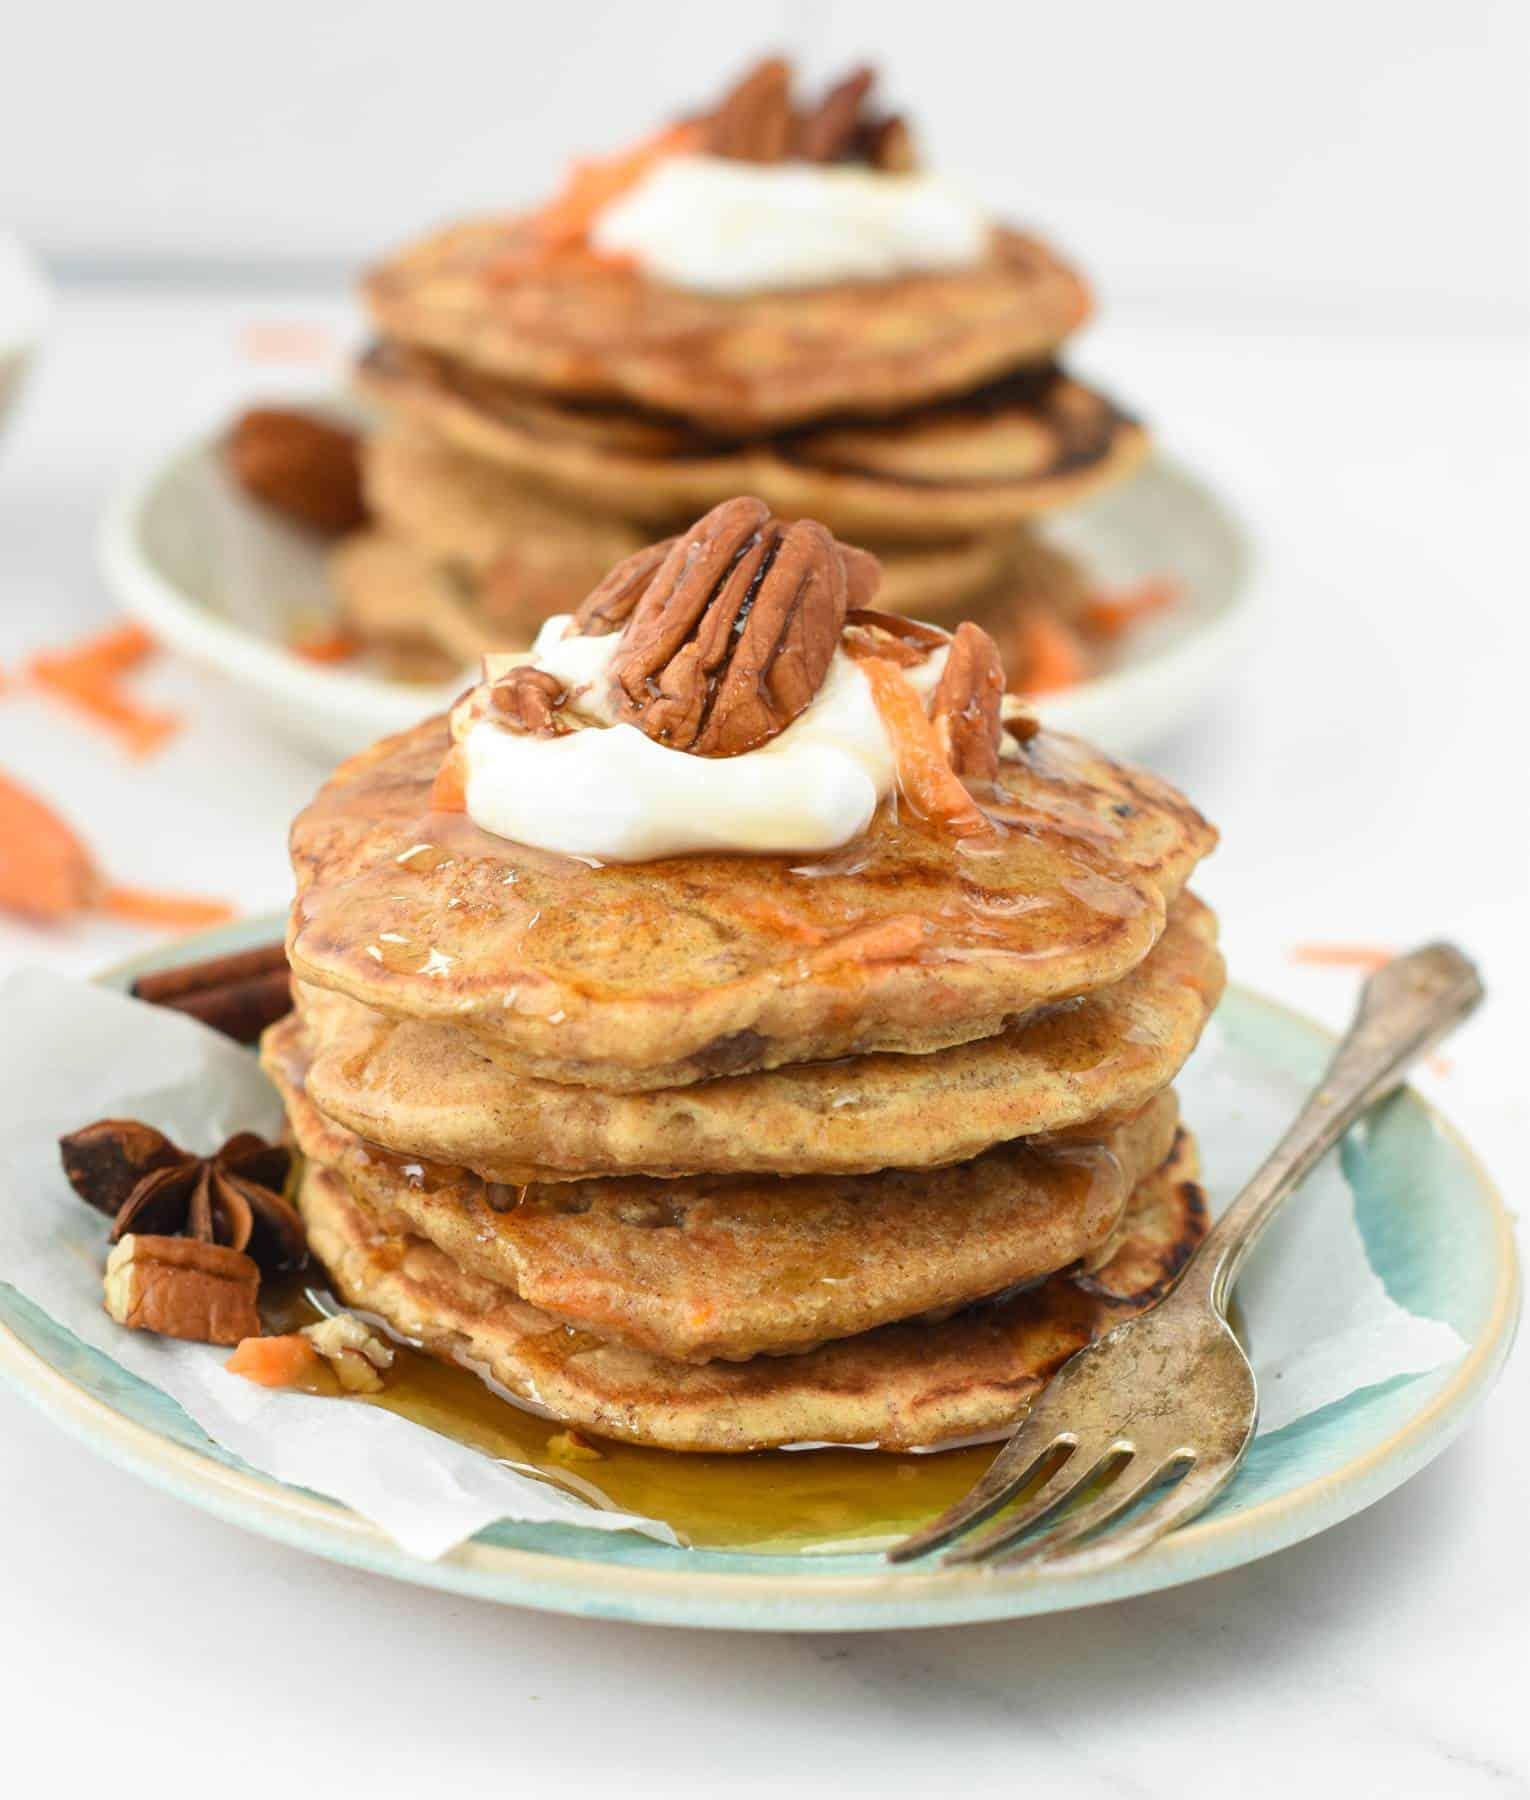 The best Carrot Cake PancakesThe best Carrot Cake Pancakes